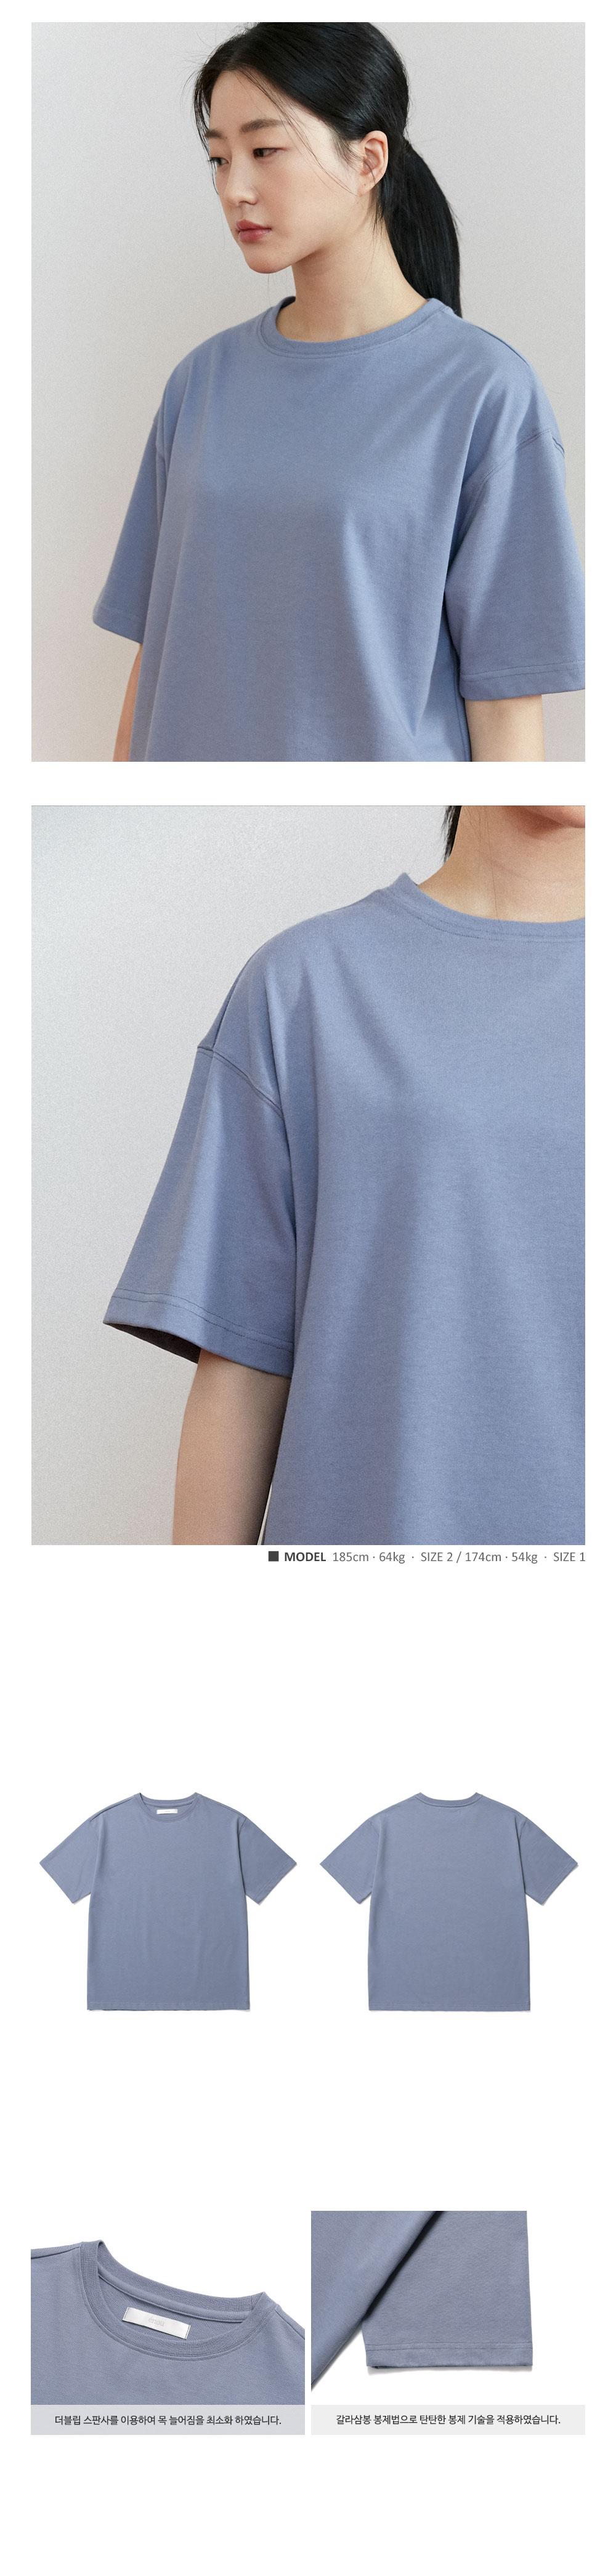 에노우(ENOU) 릴렉스 티셔츠_그레이쉬블루(EN2AMMT501A)